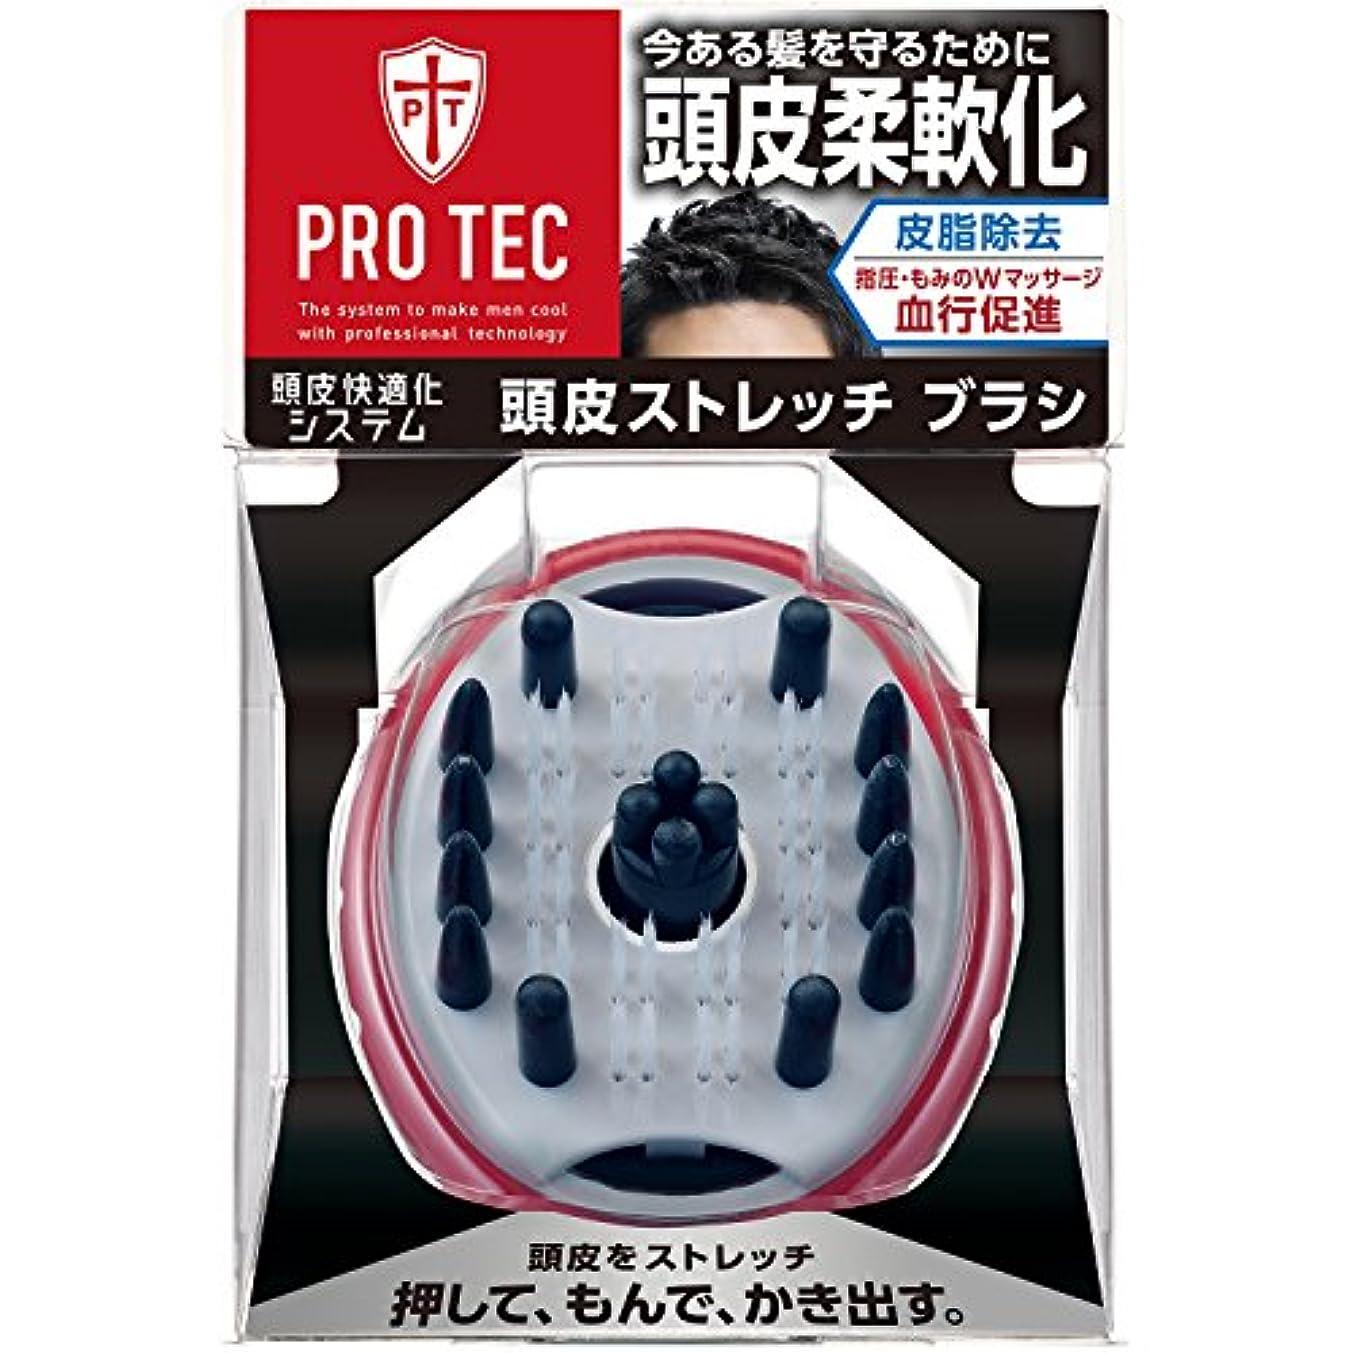 目を覚ます重要コーンPRO TEC(プロテク) ウォッシングブラシ 頭皮ストレッチタイプ